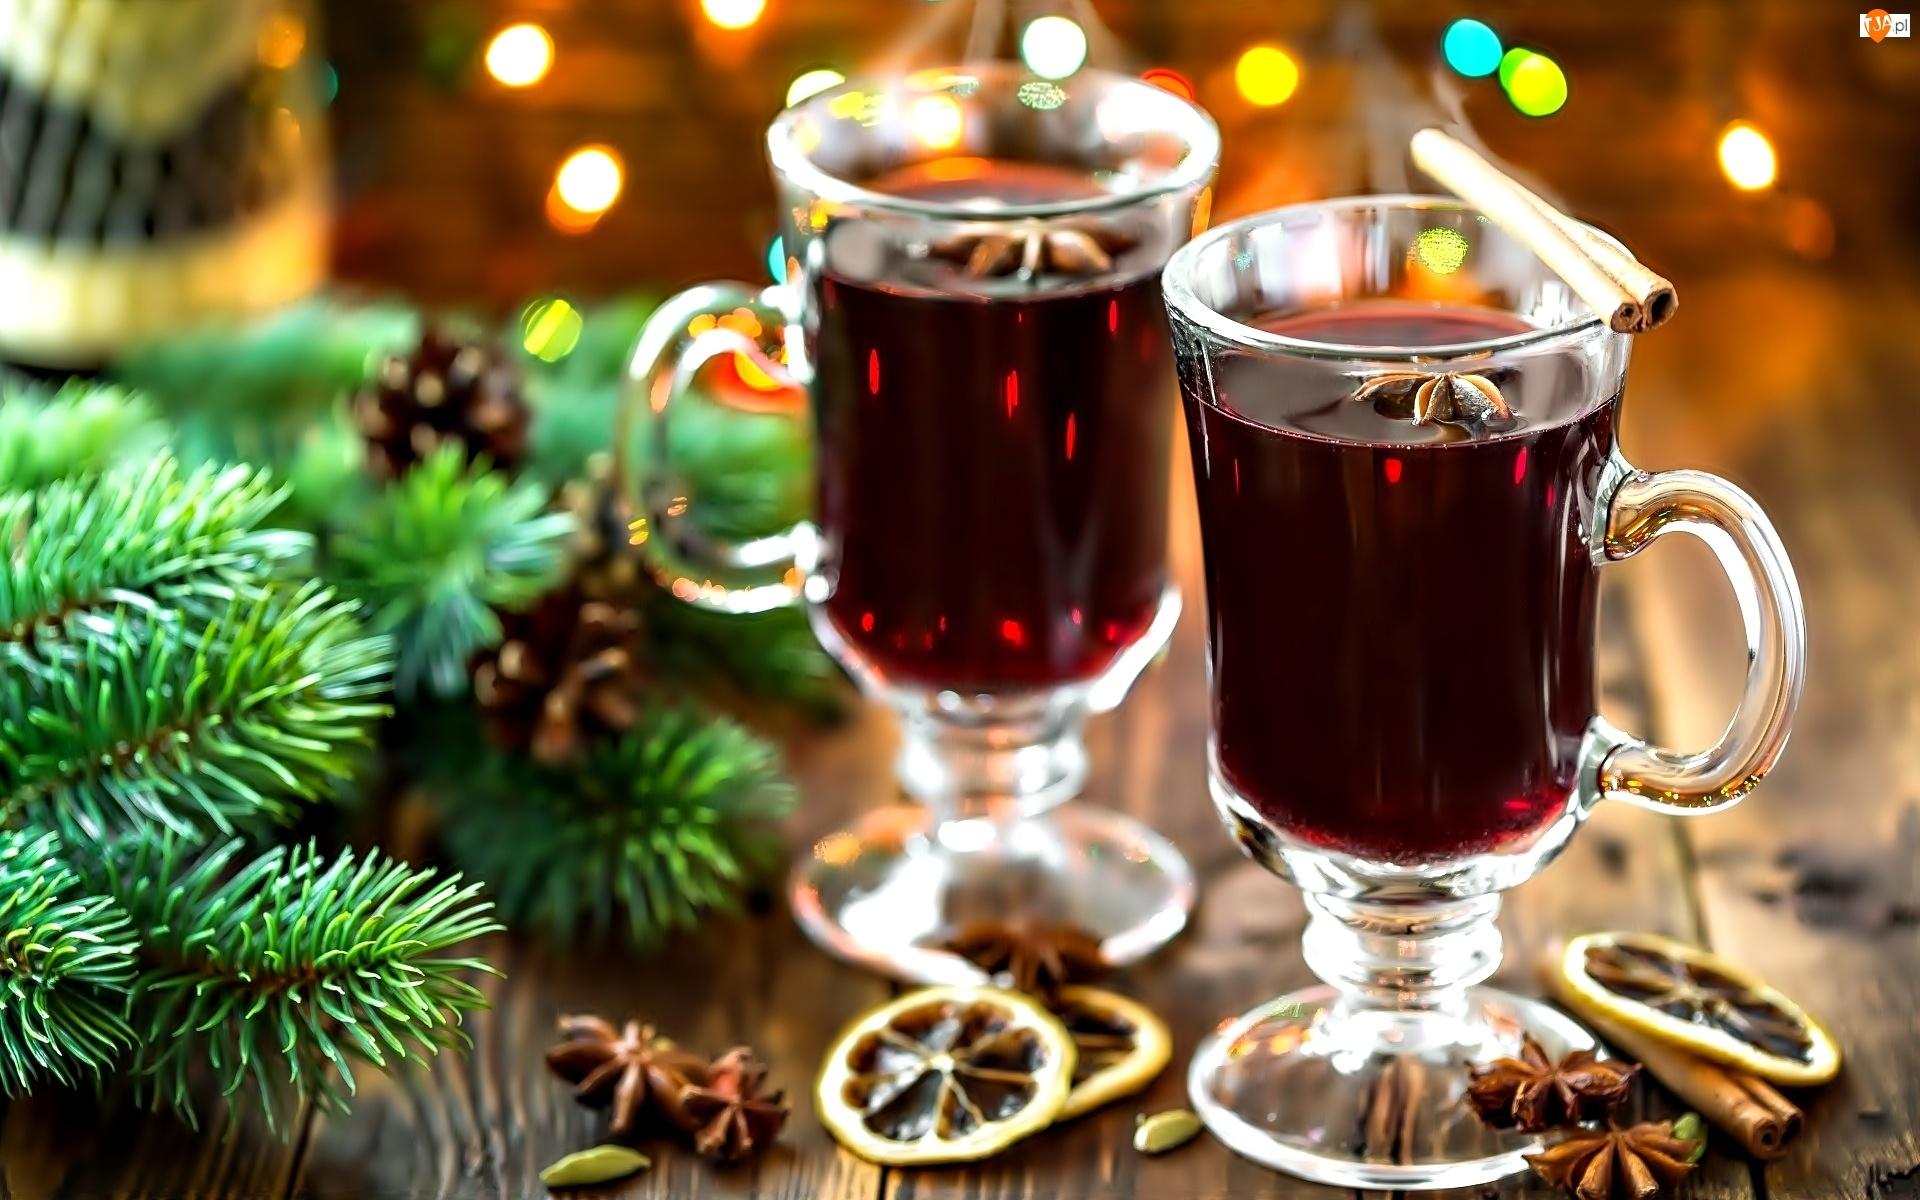 Wino, Cytryny, Świąteczne, Gałązki, Grzane, Cynamon